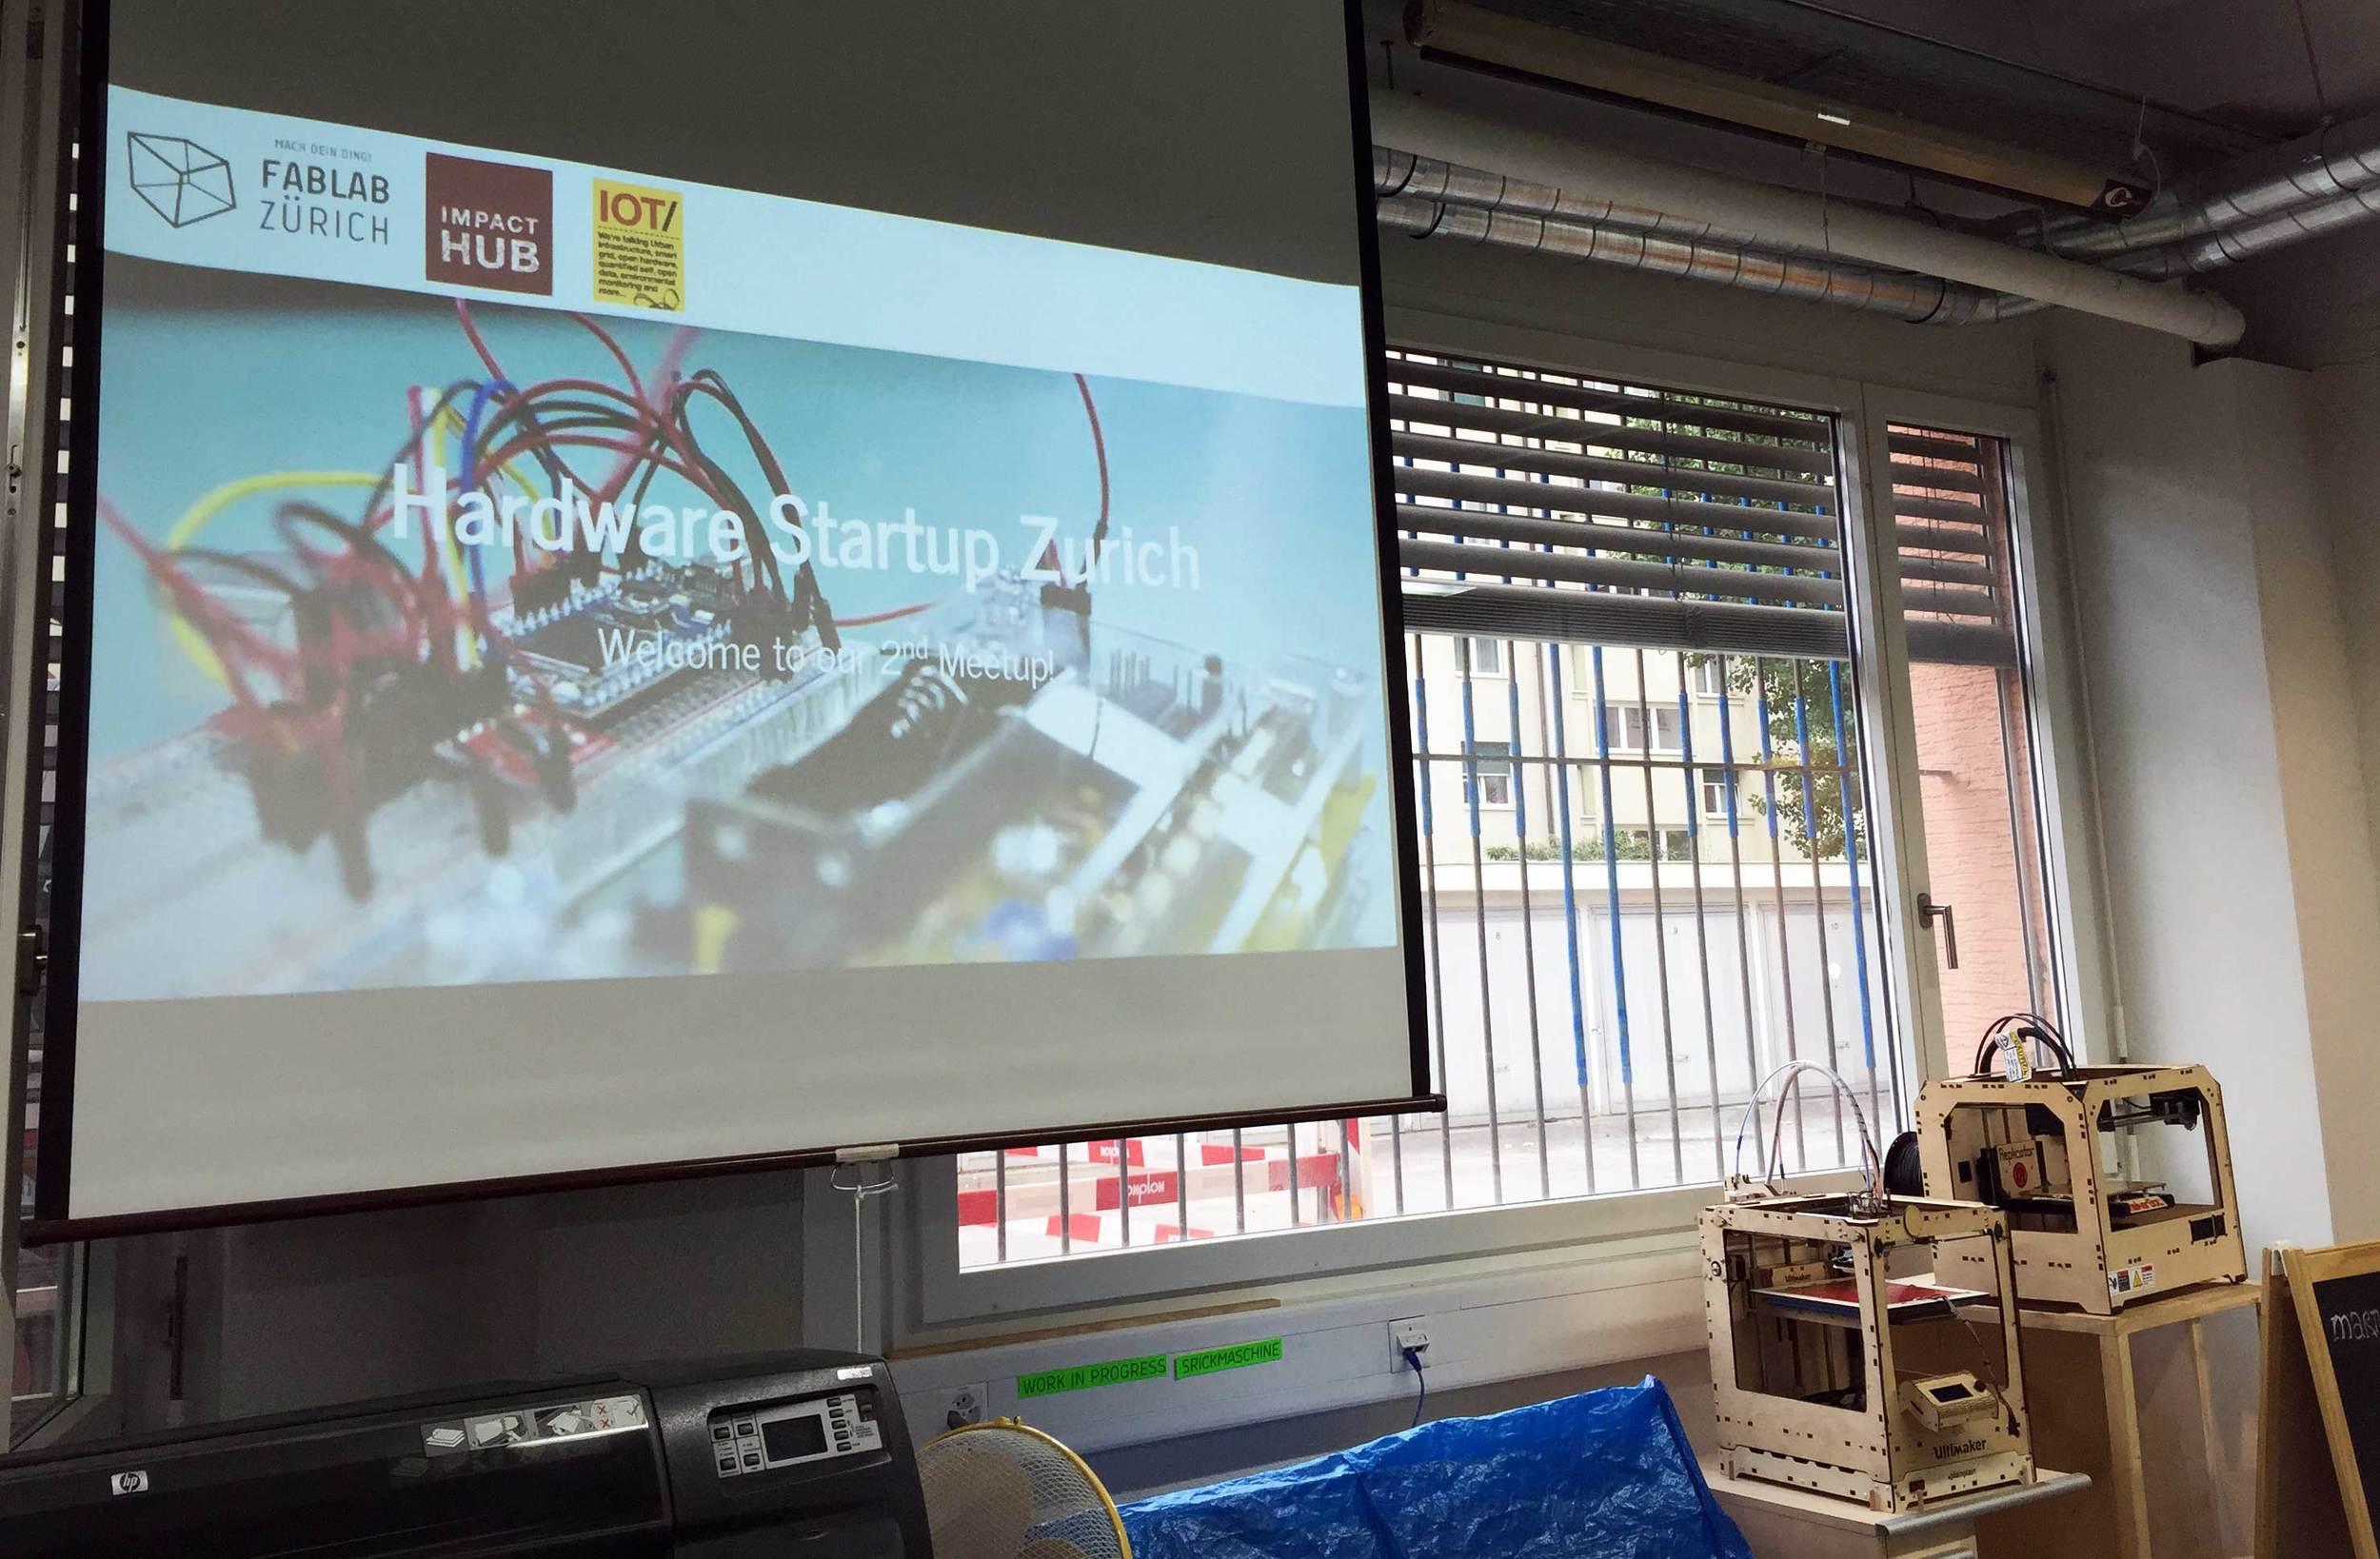 Hardware Startup Zürich Meetup at FabLab Zürich